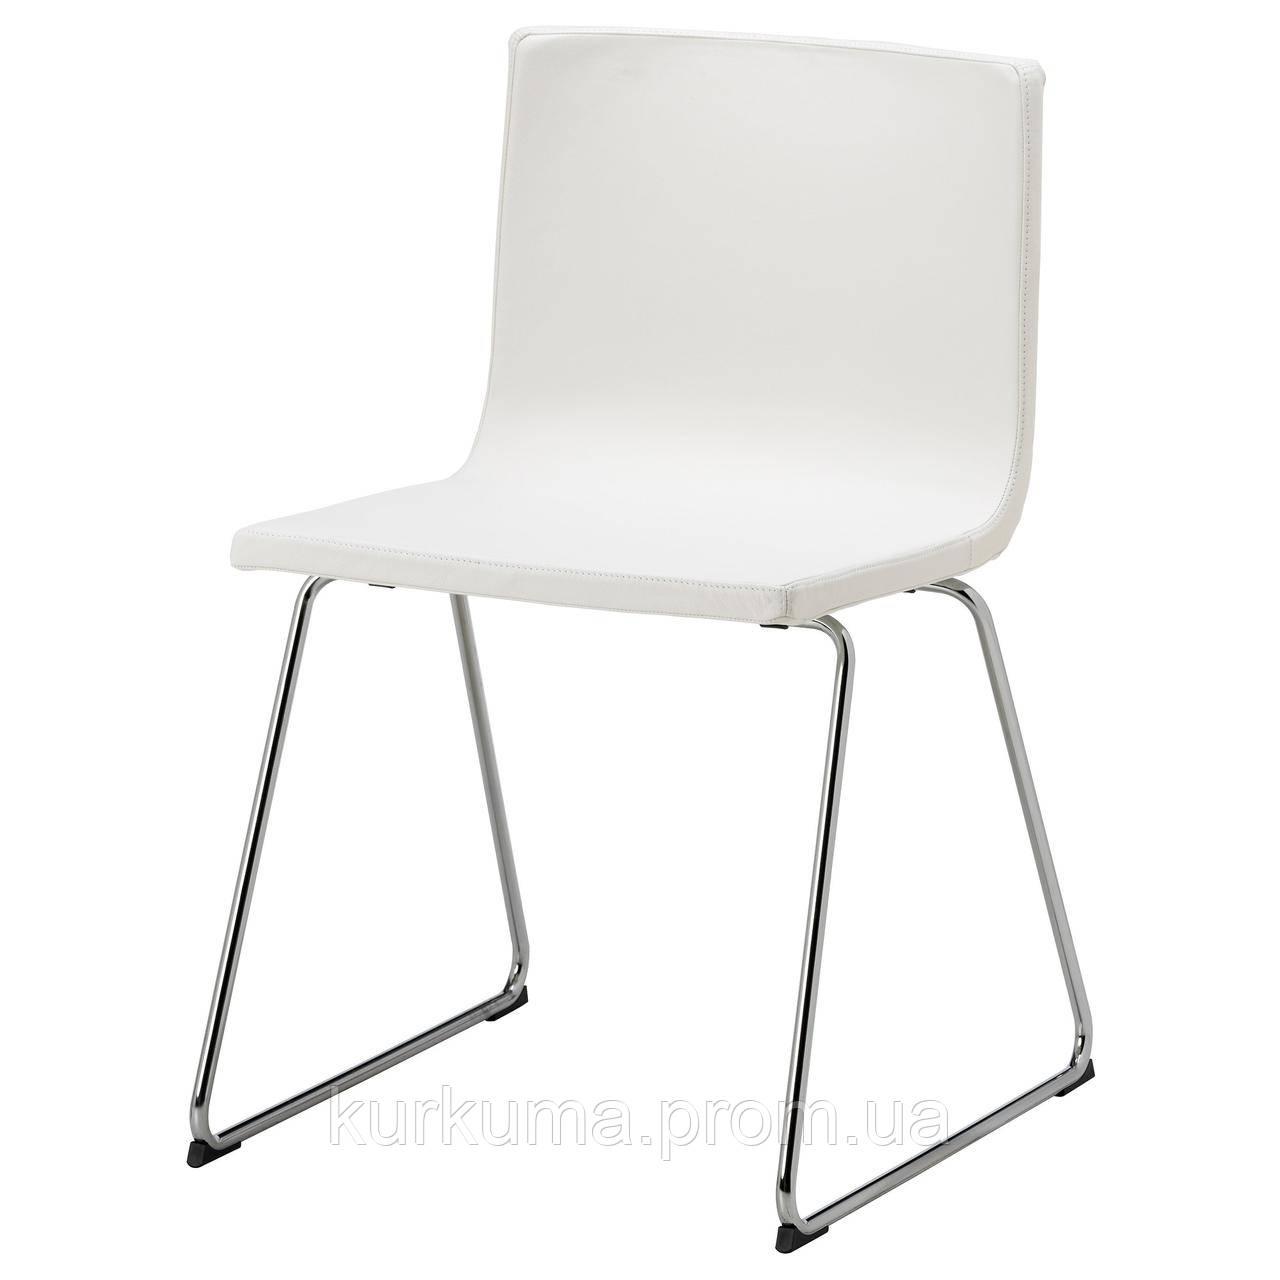 IKEA BERNHARD Стул, хром, Кават белый  (201.530.68)